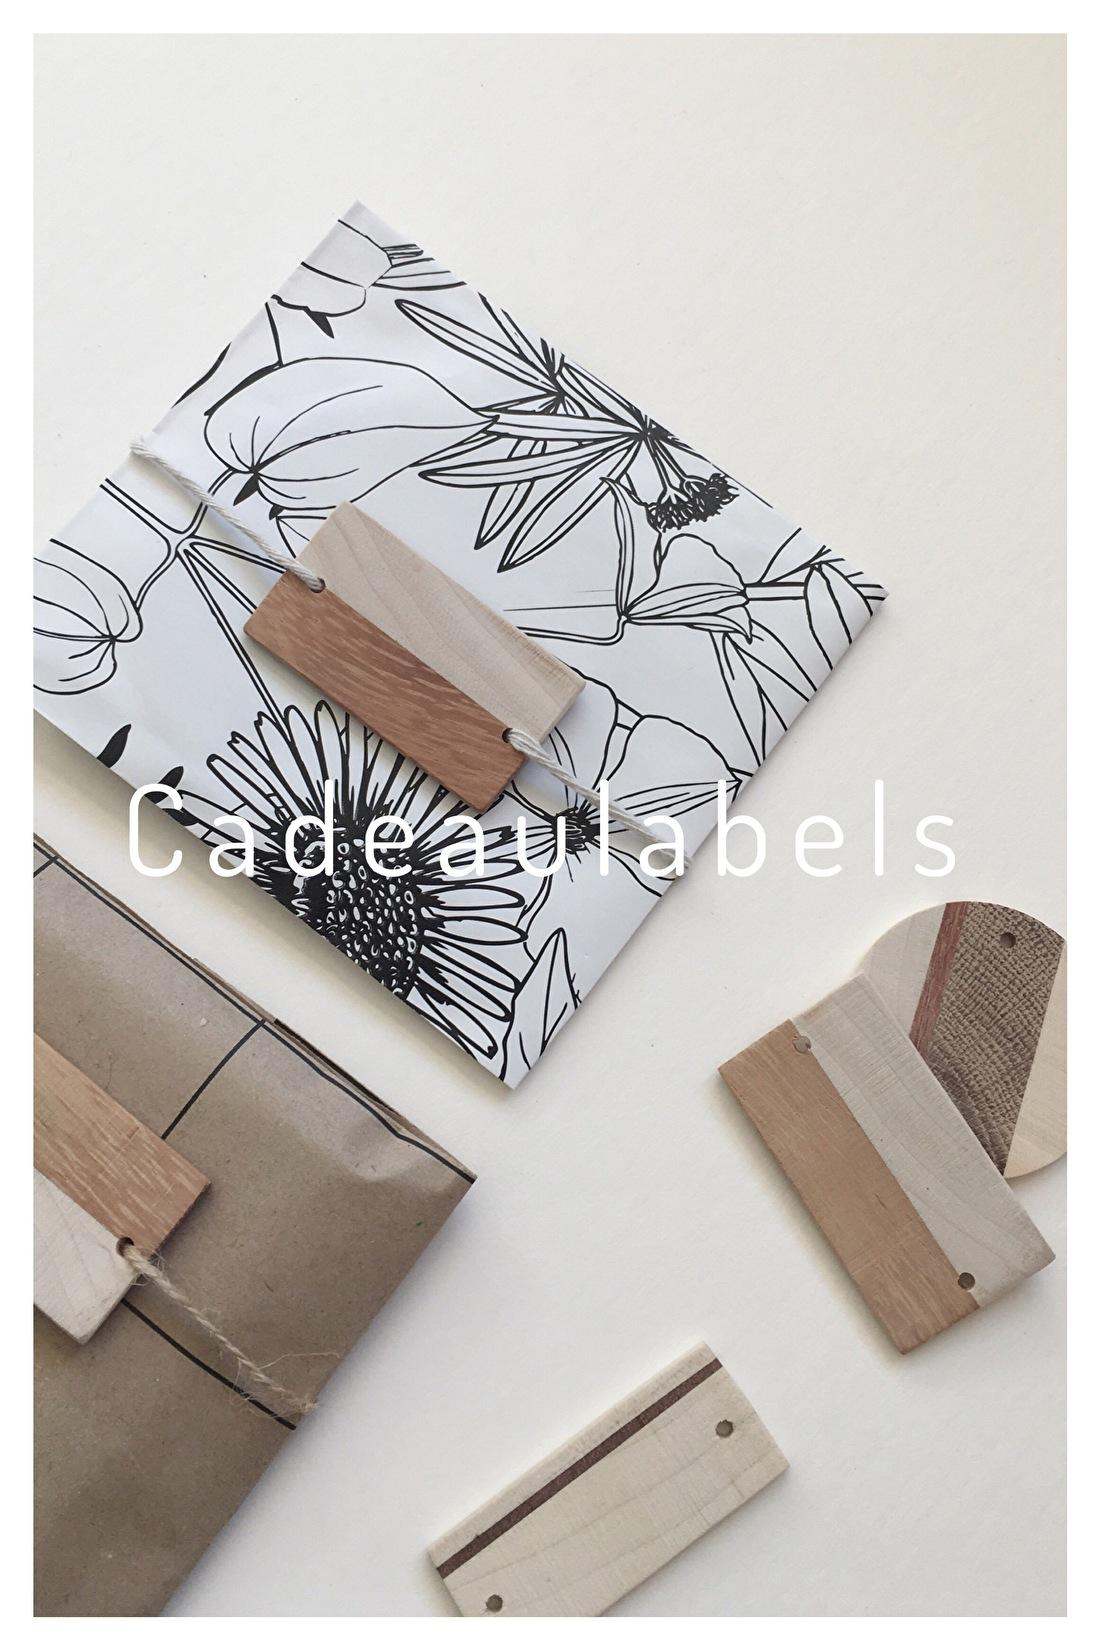 producten_home_studio_mooibos_houten_lampen_wandhaken_ringen_sieraden_oorbellen_manchetknopen_vanhout-5460.jpg